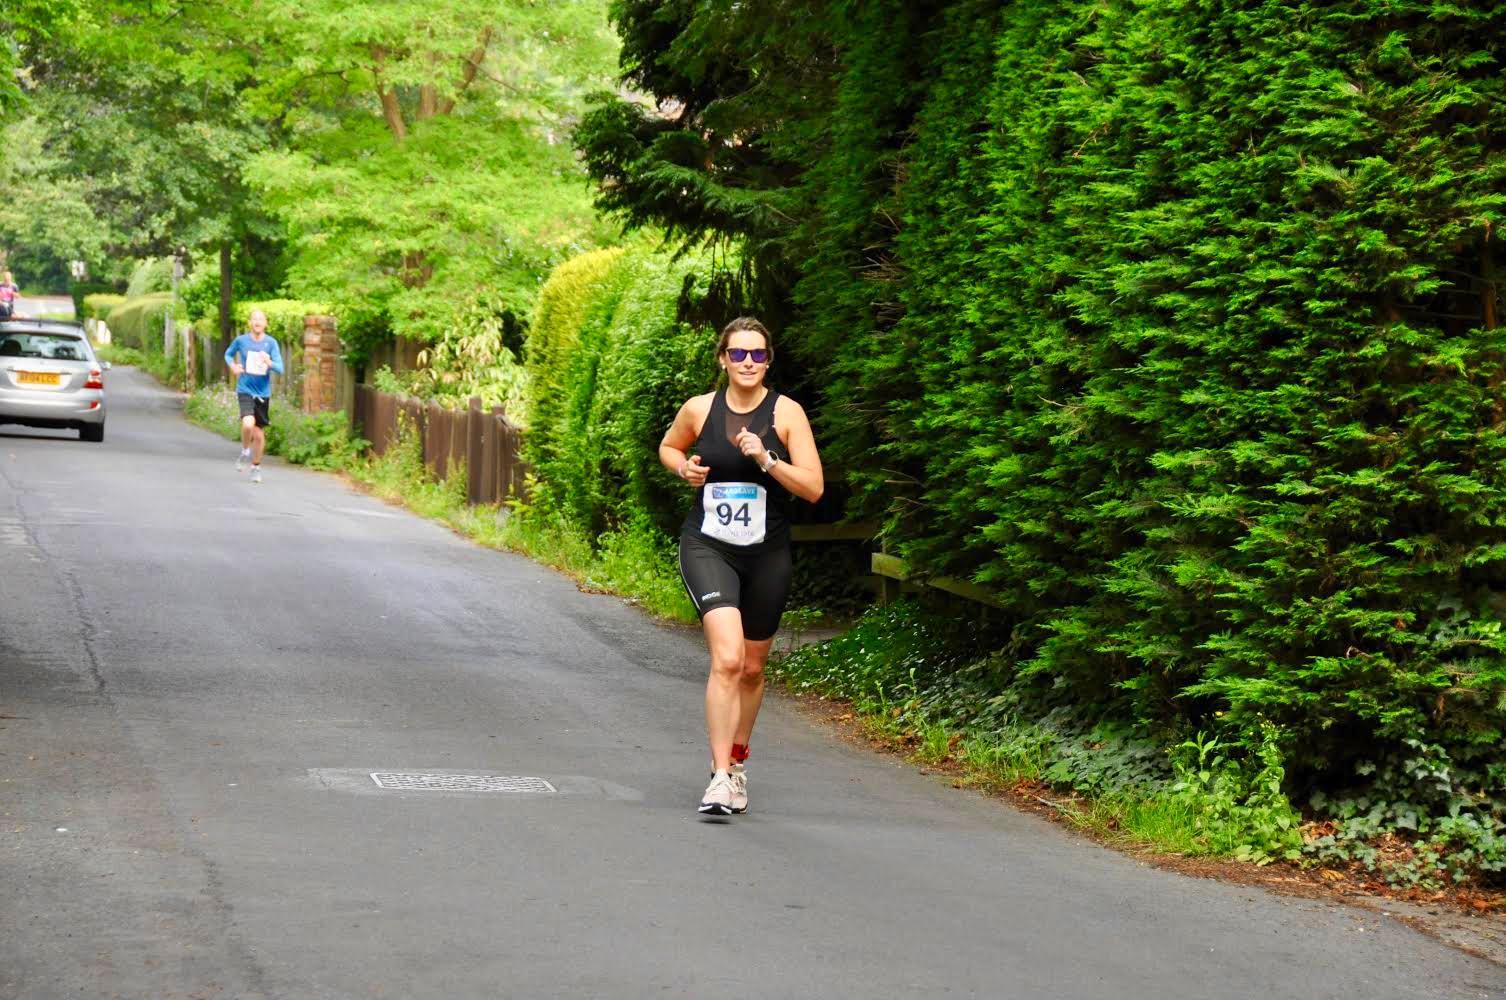 Wargrave Triathlon